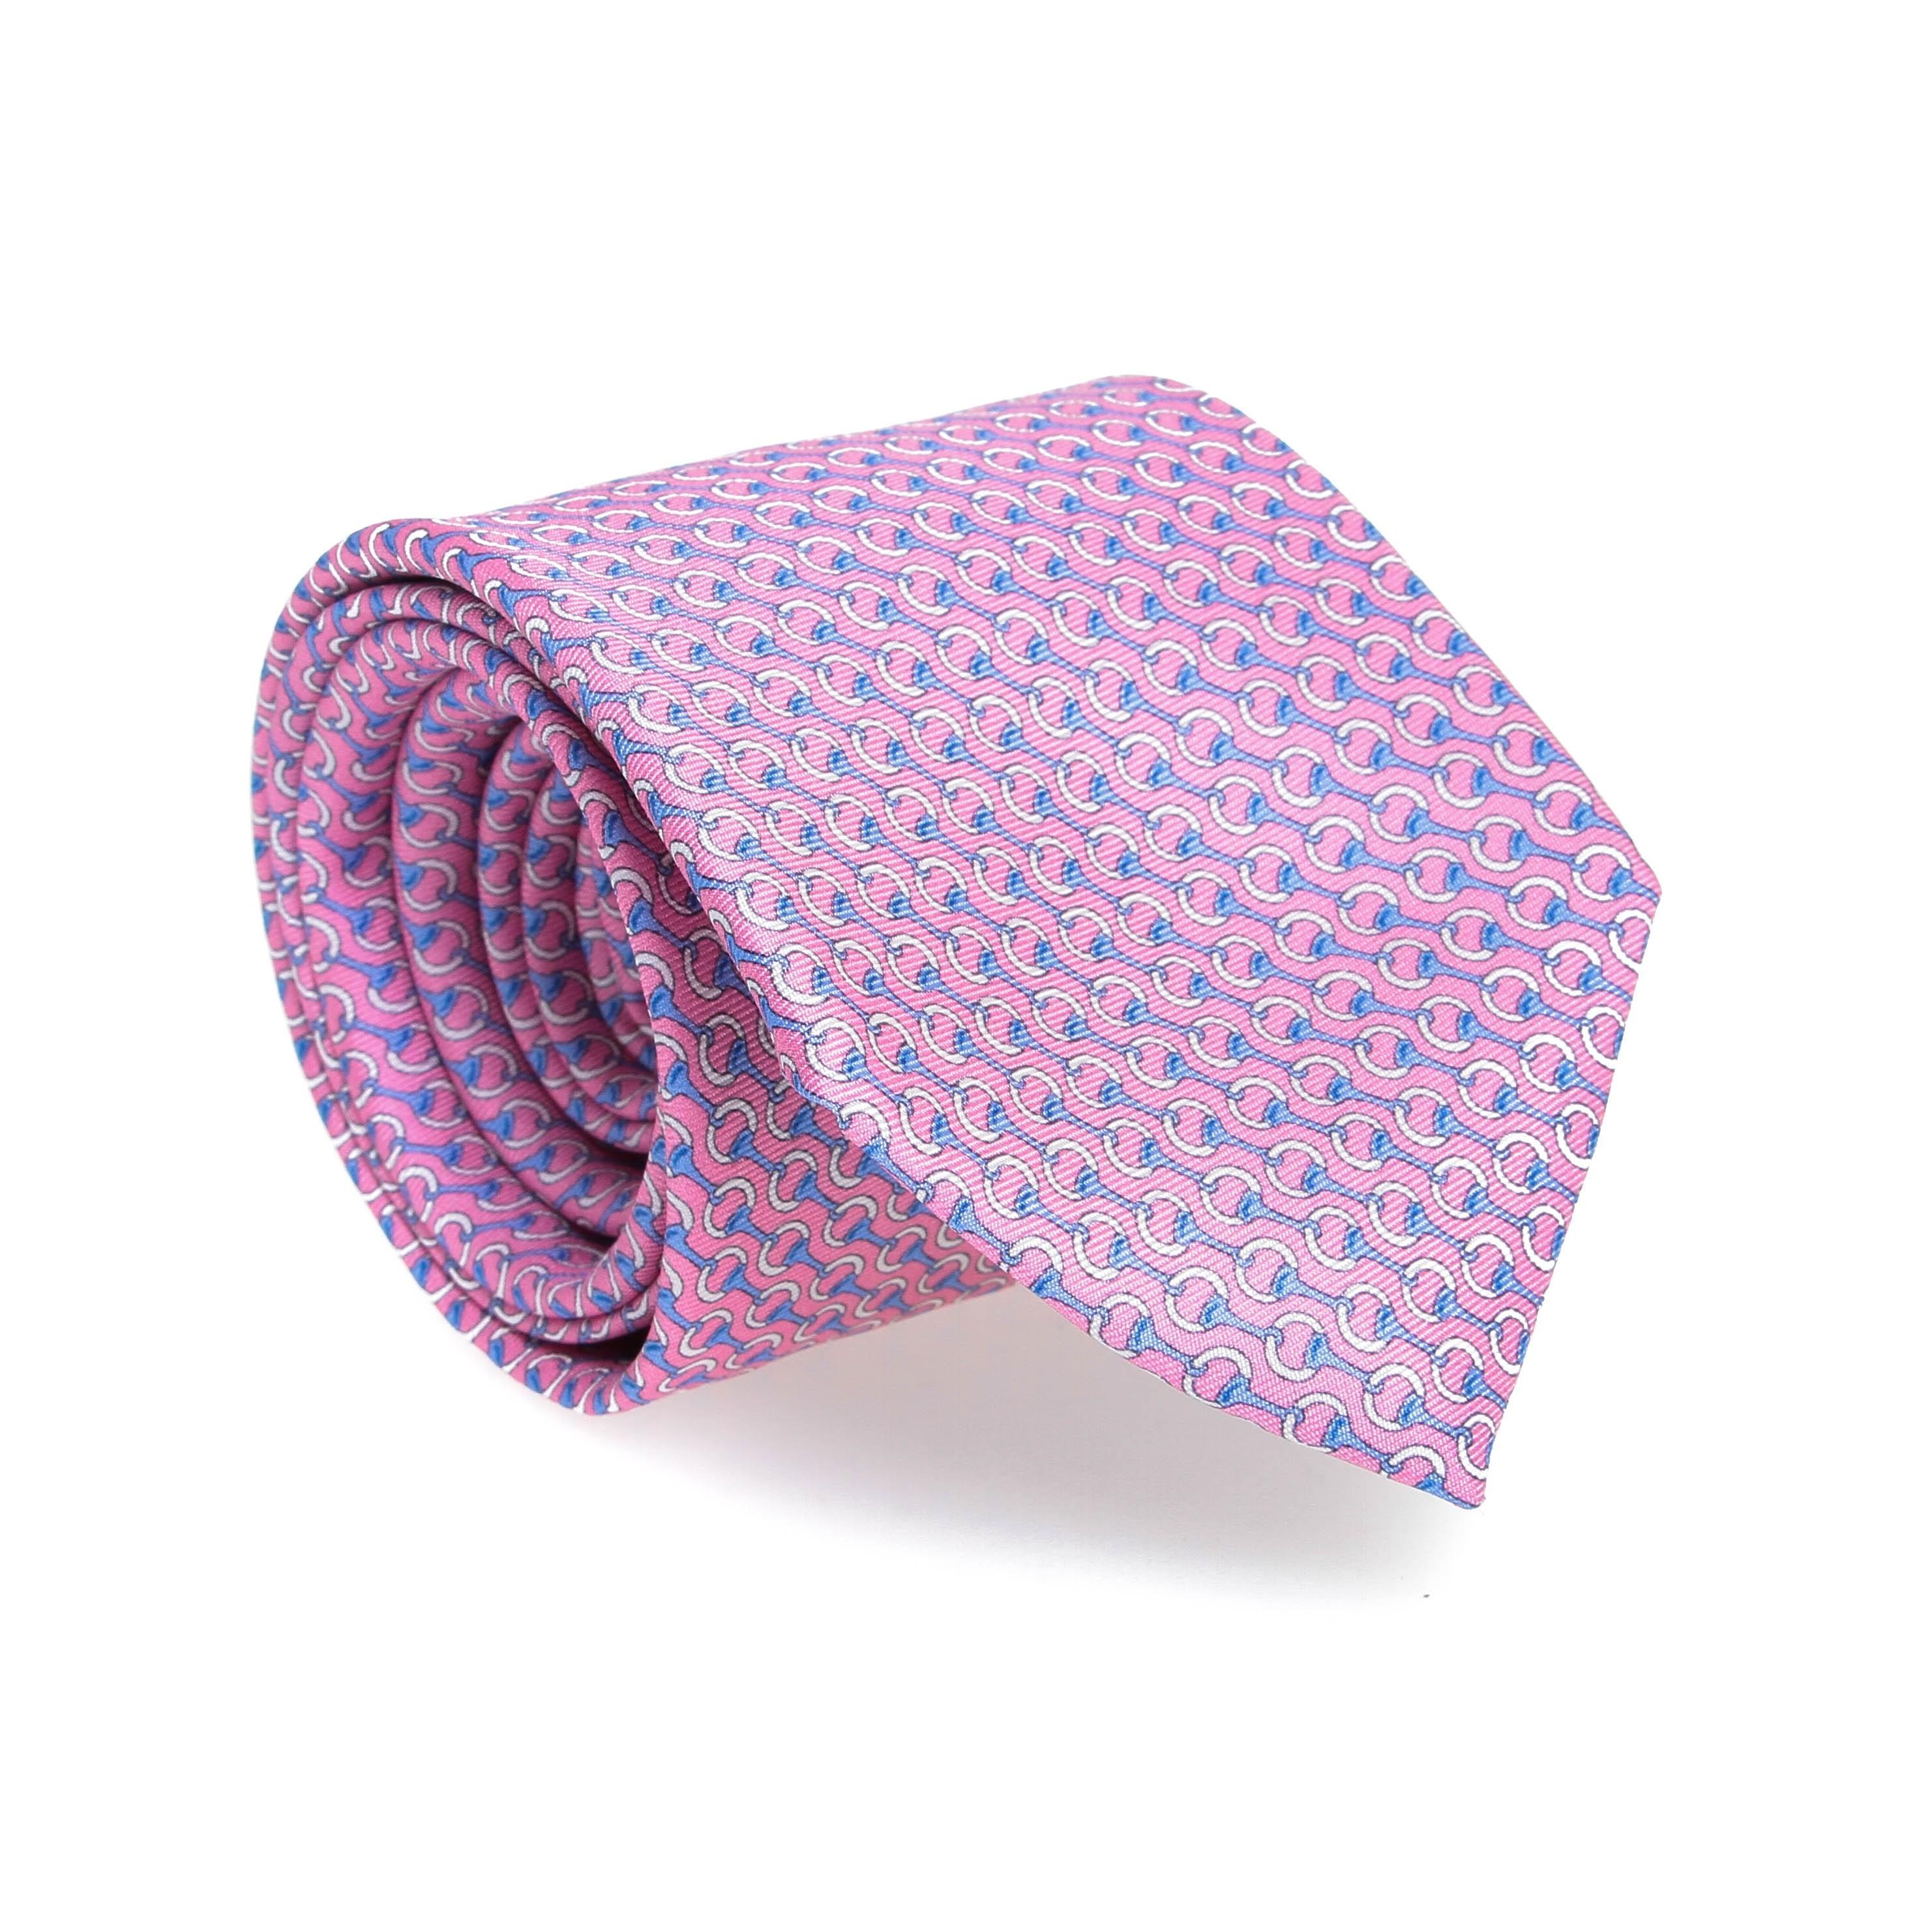 Cravate en soie : Base rose - Motif ciel et blanc